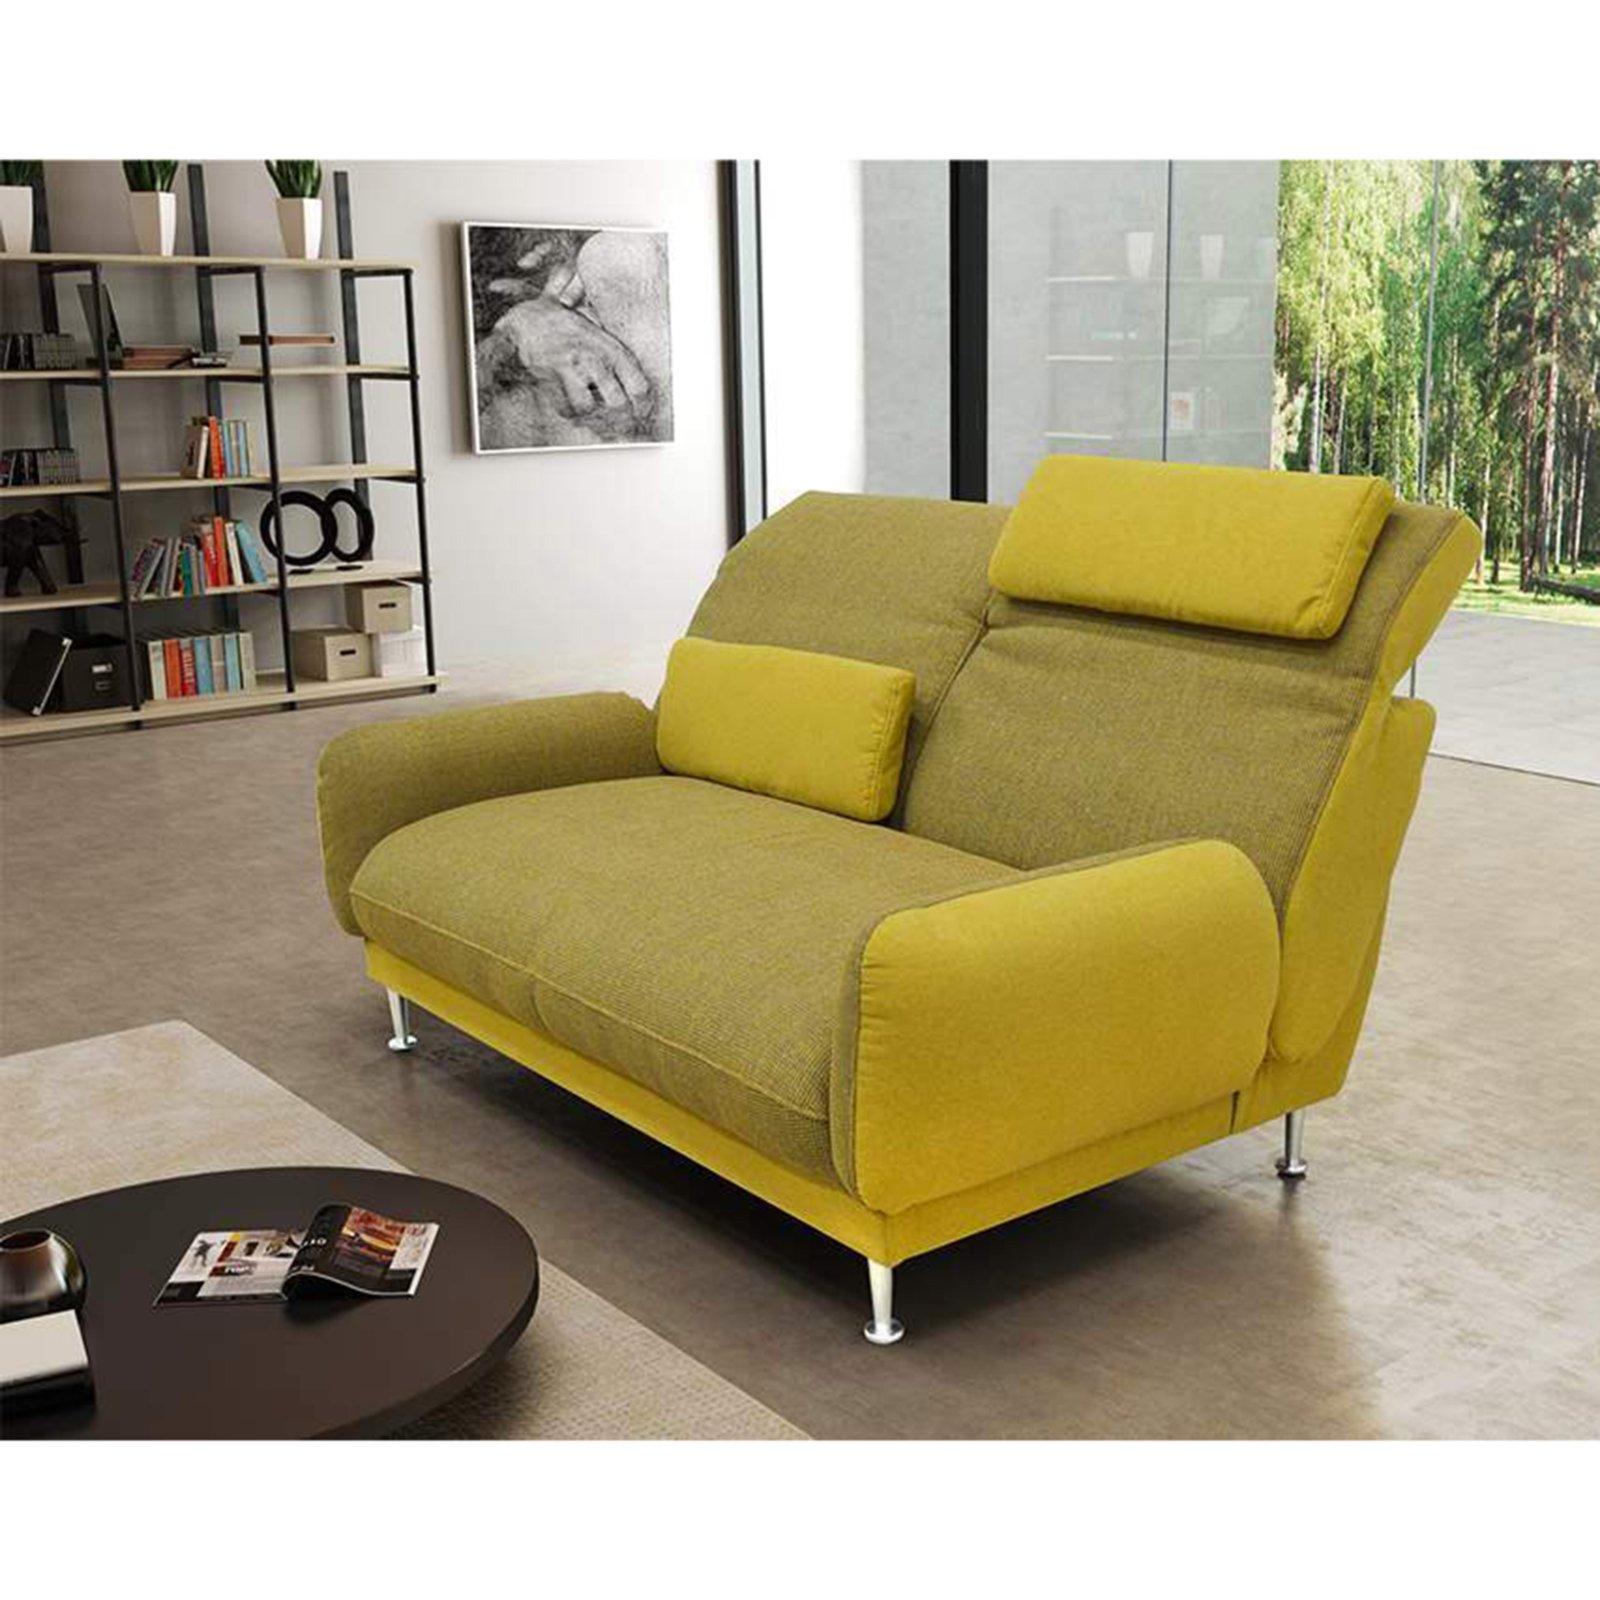 Schön Sofa Grün Dekoration Von 2-sitzer - Grün-gelb - Mit Armlehnen